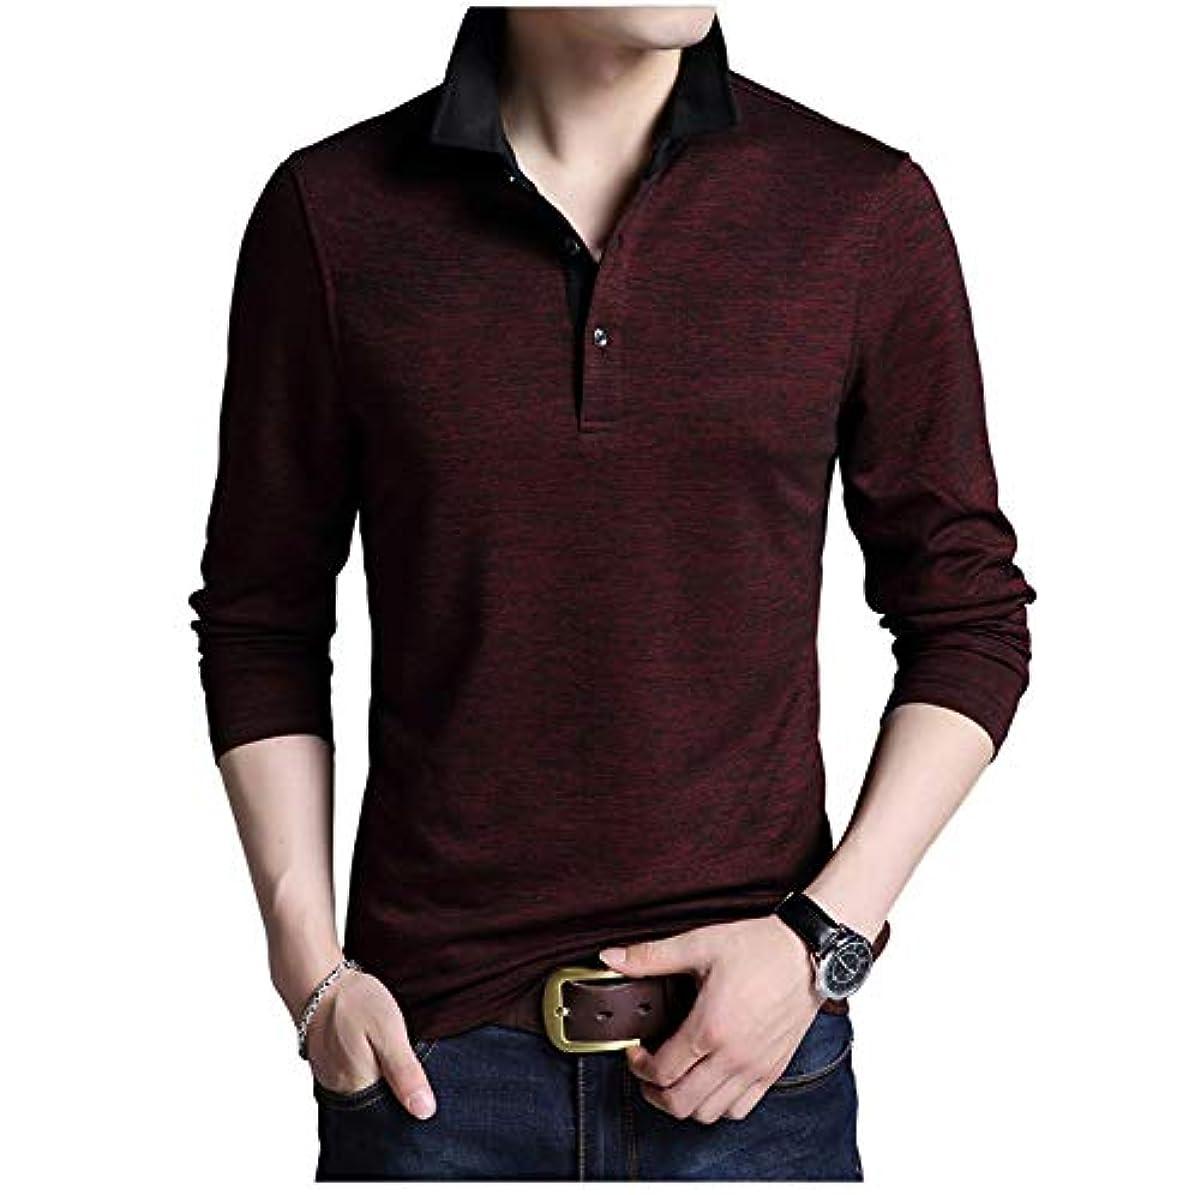 [해외] [LIMORE(re 모어)] 금부착 폴로 셔츠 심플 디자인 버튼 롱 T셔츠 어른 스타일 긴 소매 캐주얼 맨즈